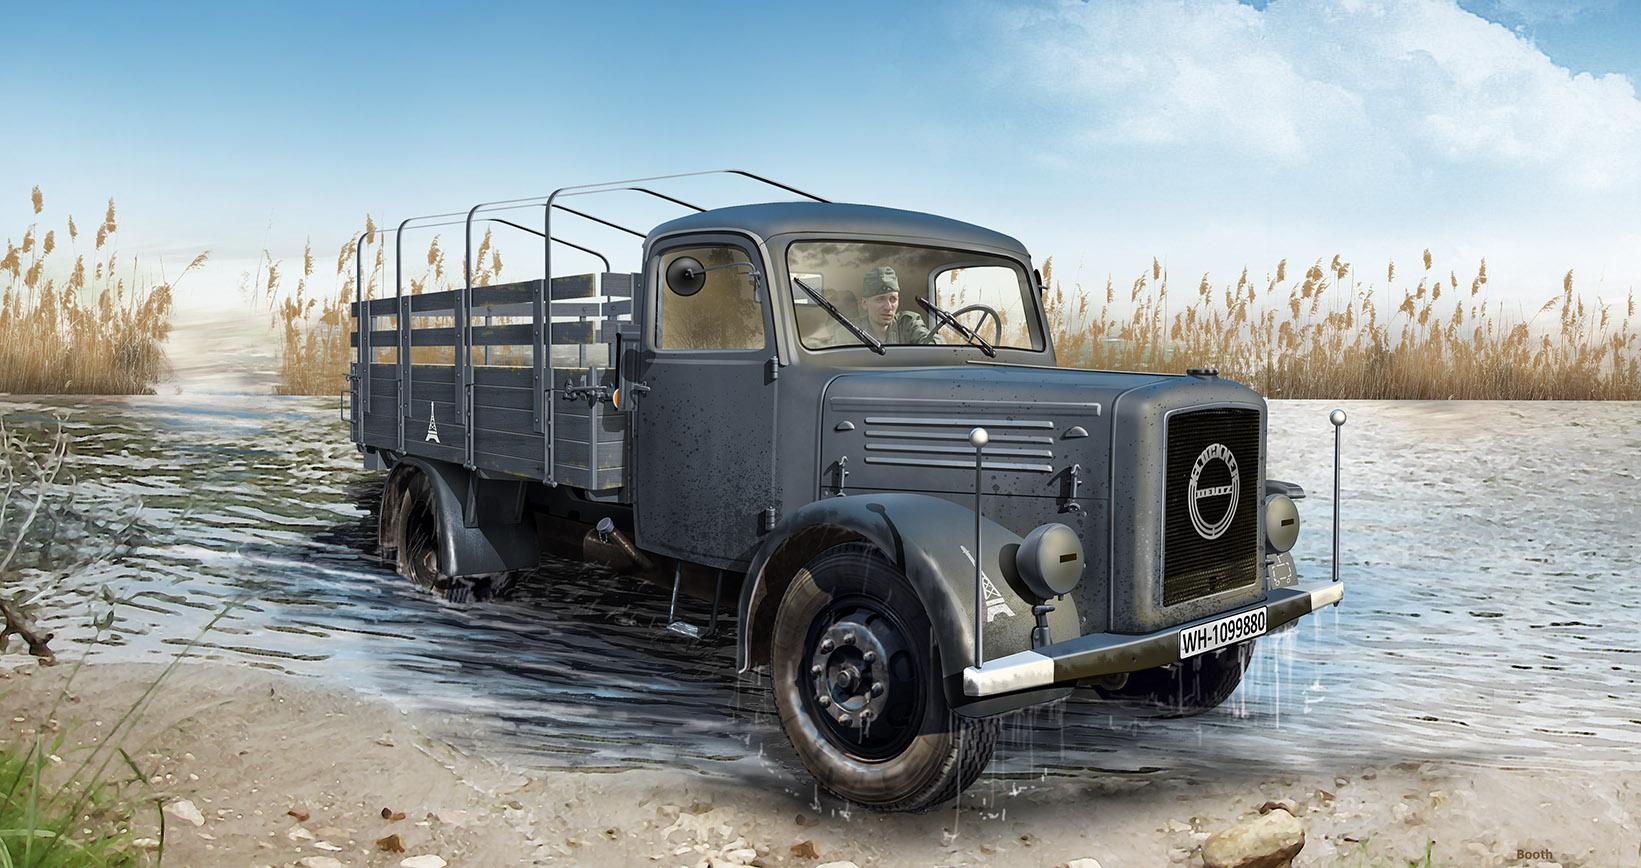 ICM KHD S3000, WWII German Army Truck